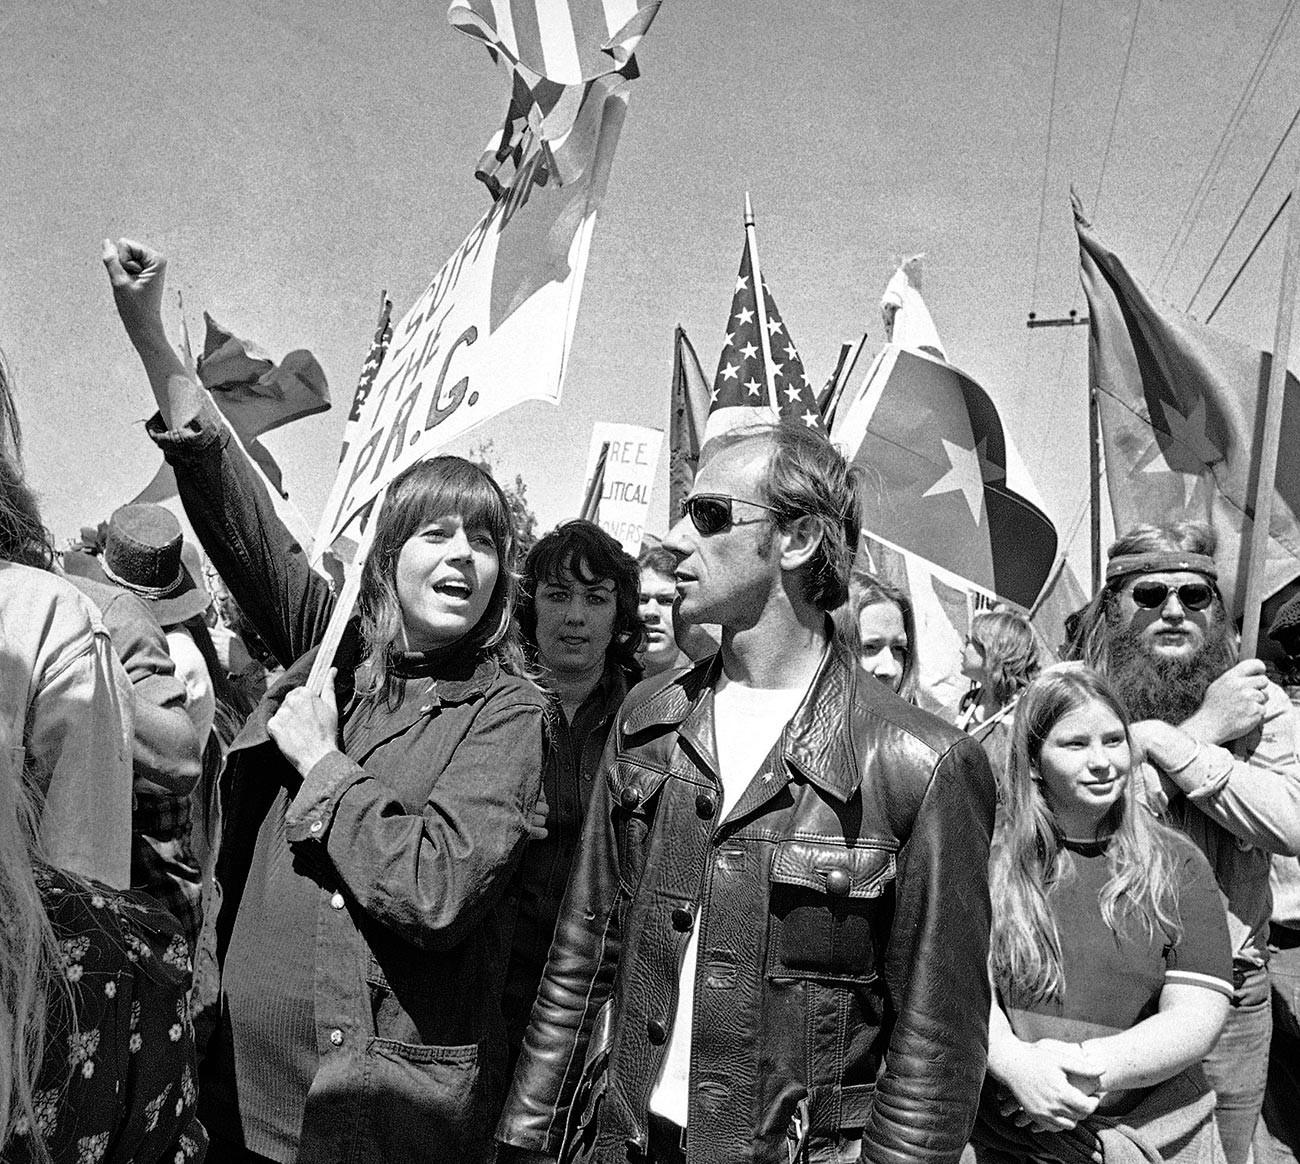 L'attrice Jane Fonda in mezzo a un corteo di manifestanti contro la guerra, in marcia verso la Casa Bianca per protestare contro la visita del presidente del Vietnam del Sud Nguyen Van Thieu a San Clemente, in California, il 2 aprile 1973